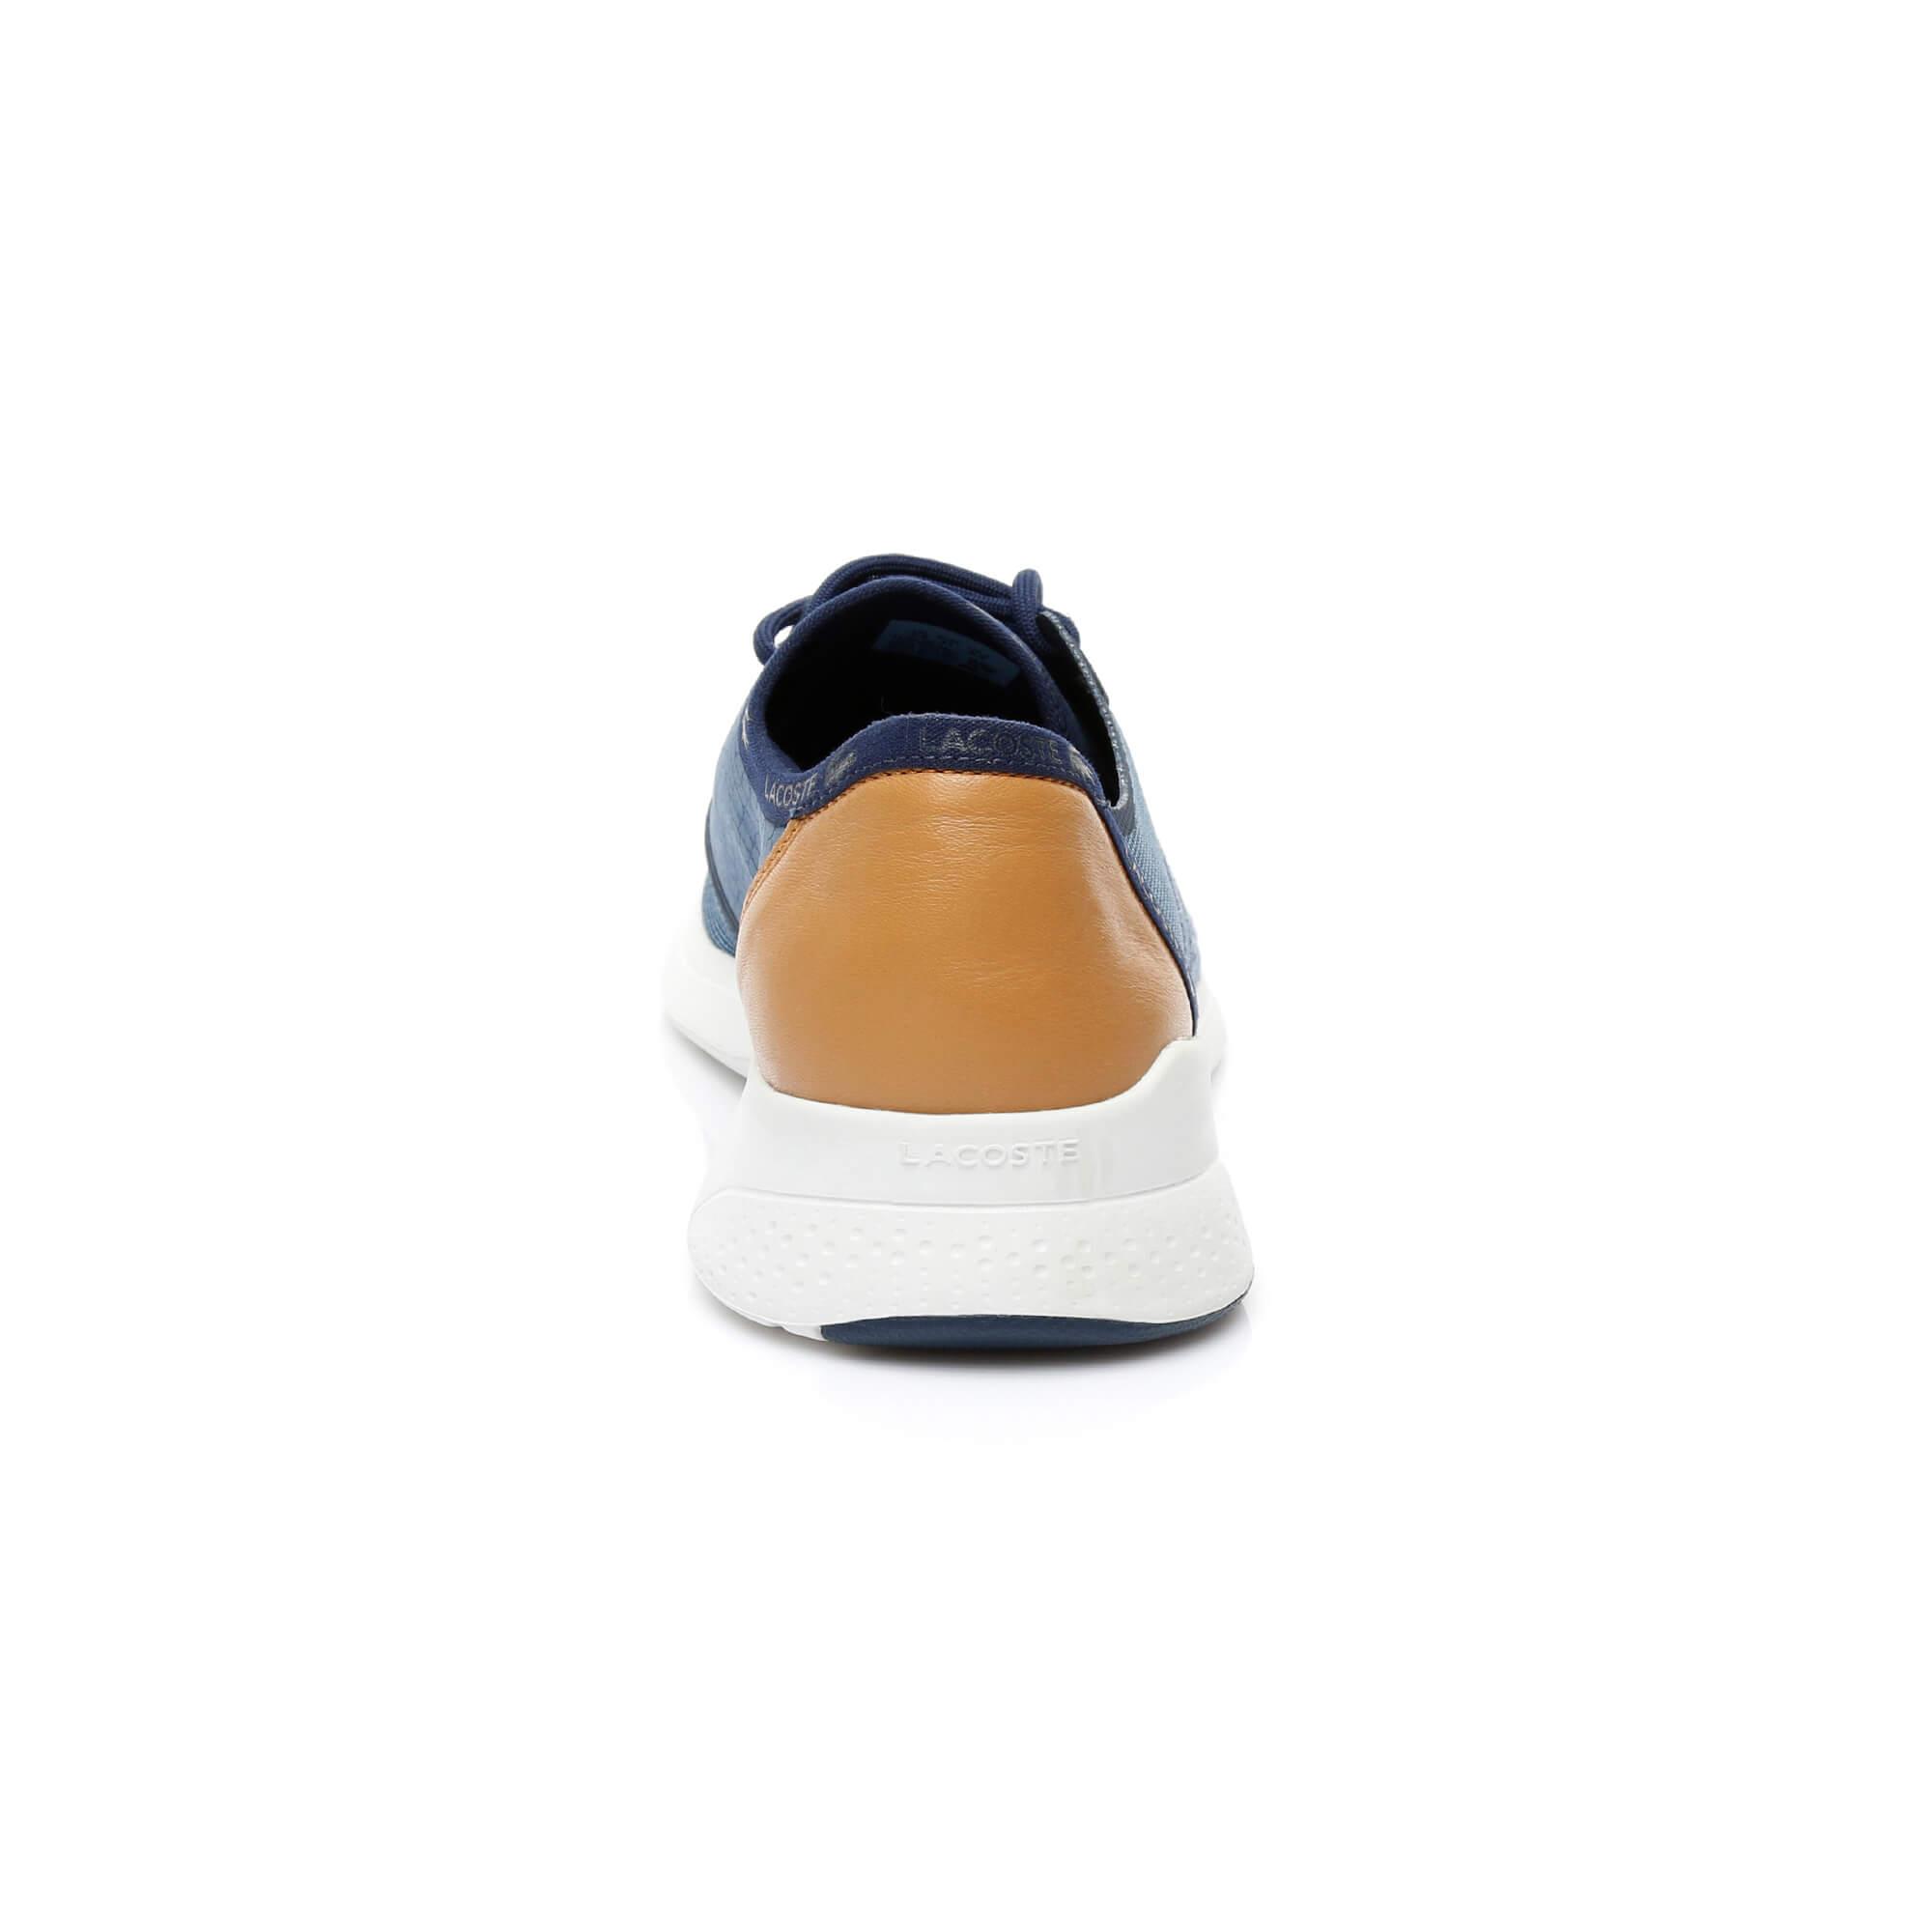 Lacoste Men's Lt Fit Shoes